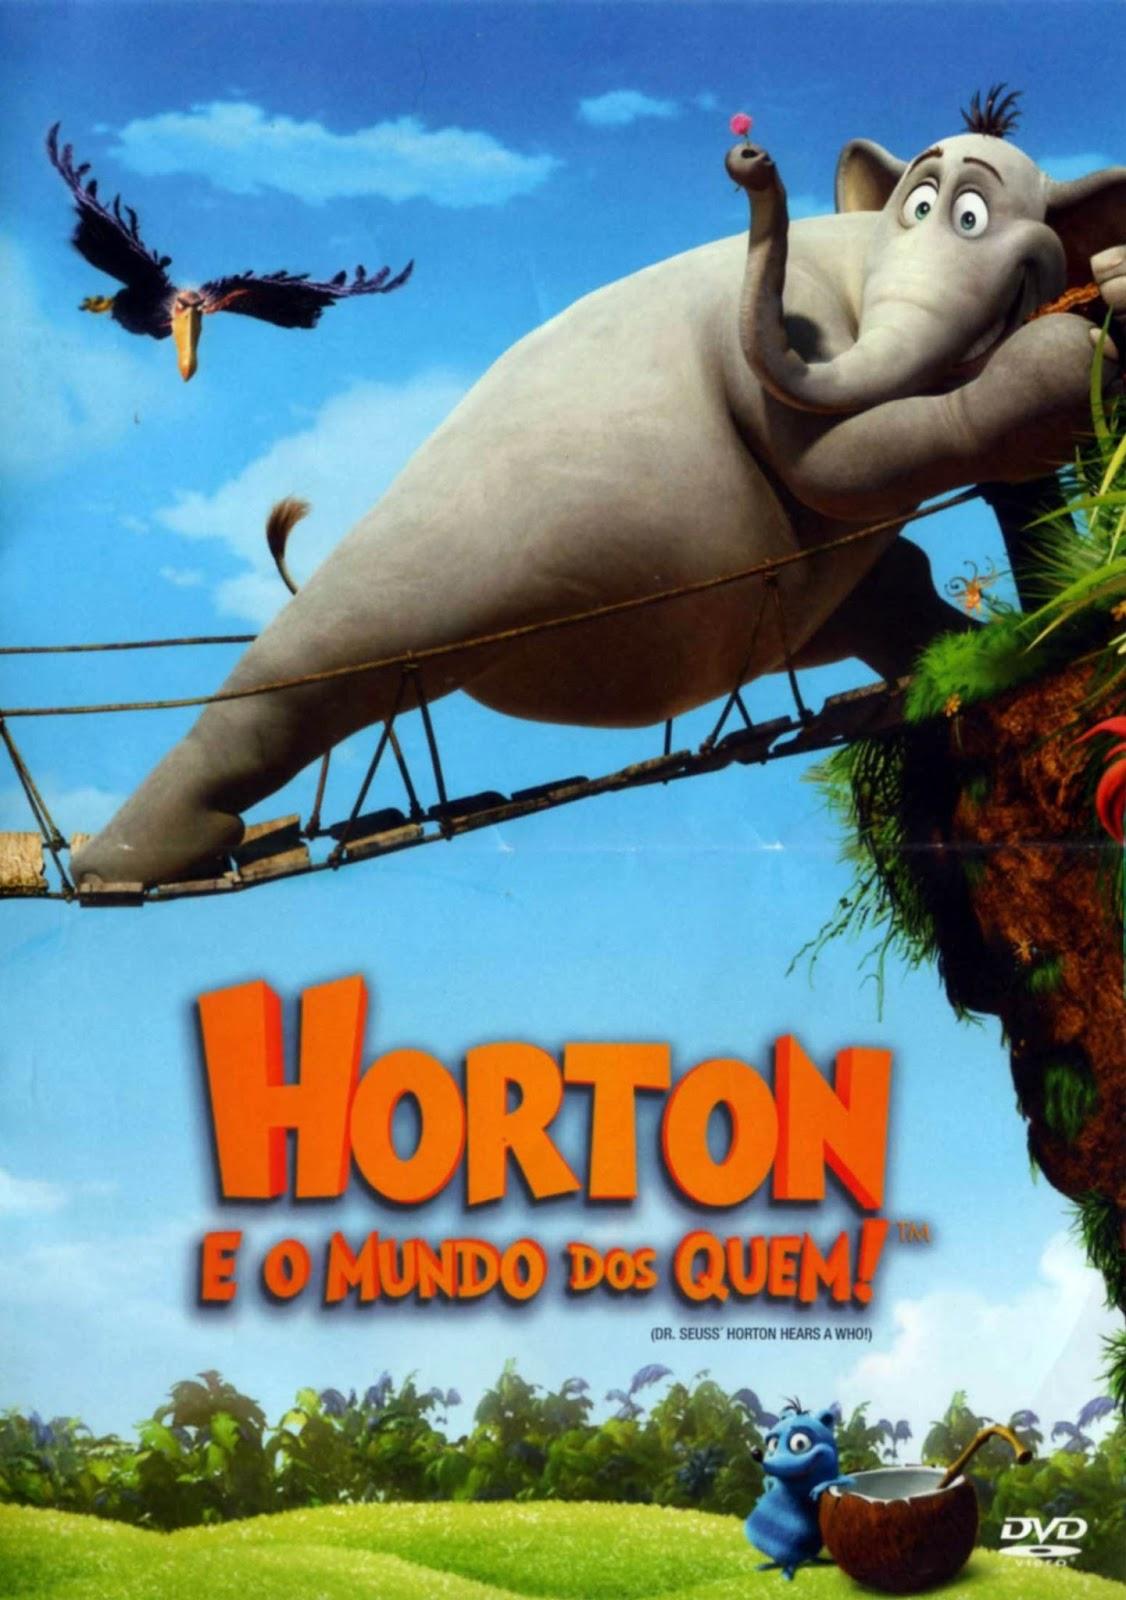 Horton e o Mundo dos Quem! – Dublado (2008)